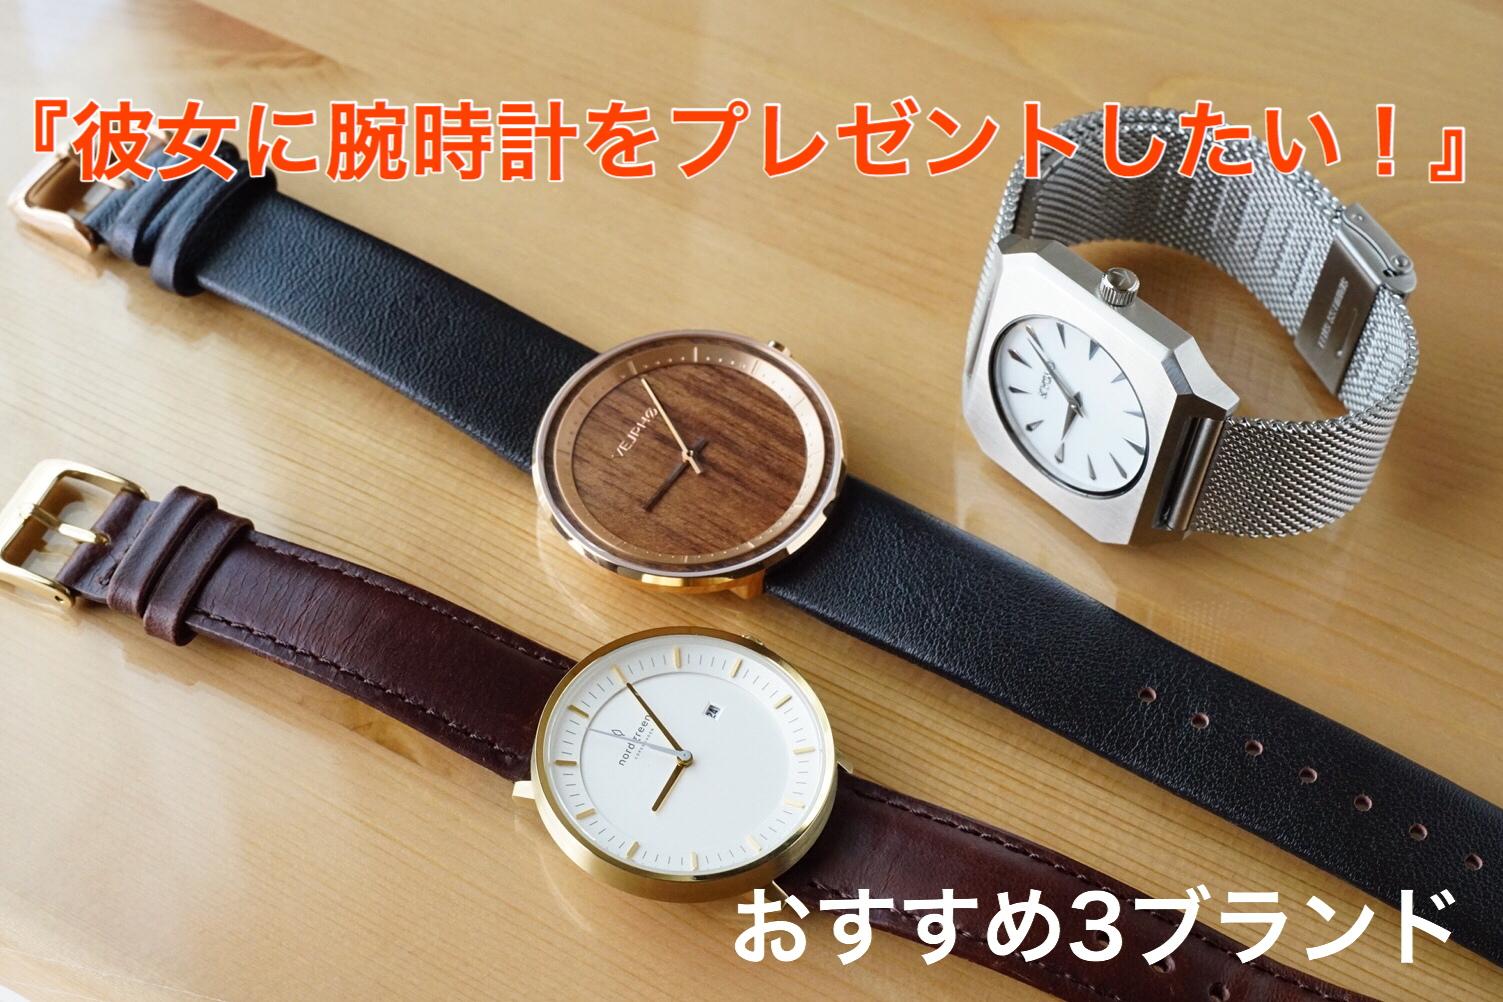 【彼女に腕時計をプレゼント!】3万円以内で買える人気上昇中の海外3ブランドをご紹介! 新アイキャッチ (1)